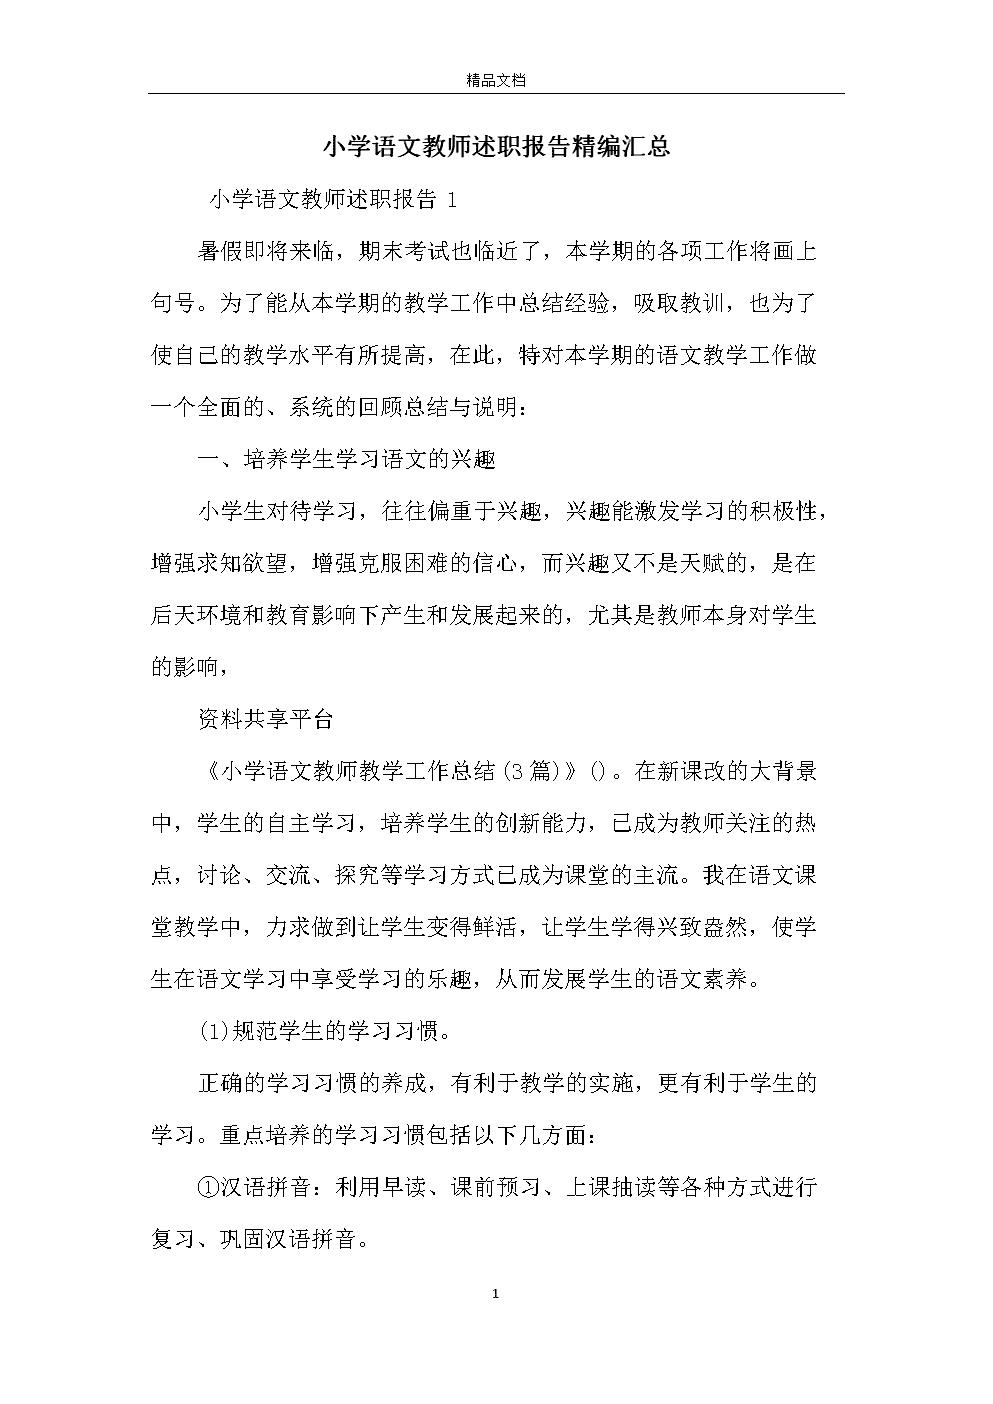 小学语文教师述职报告精编汇总.docx